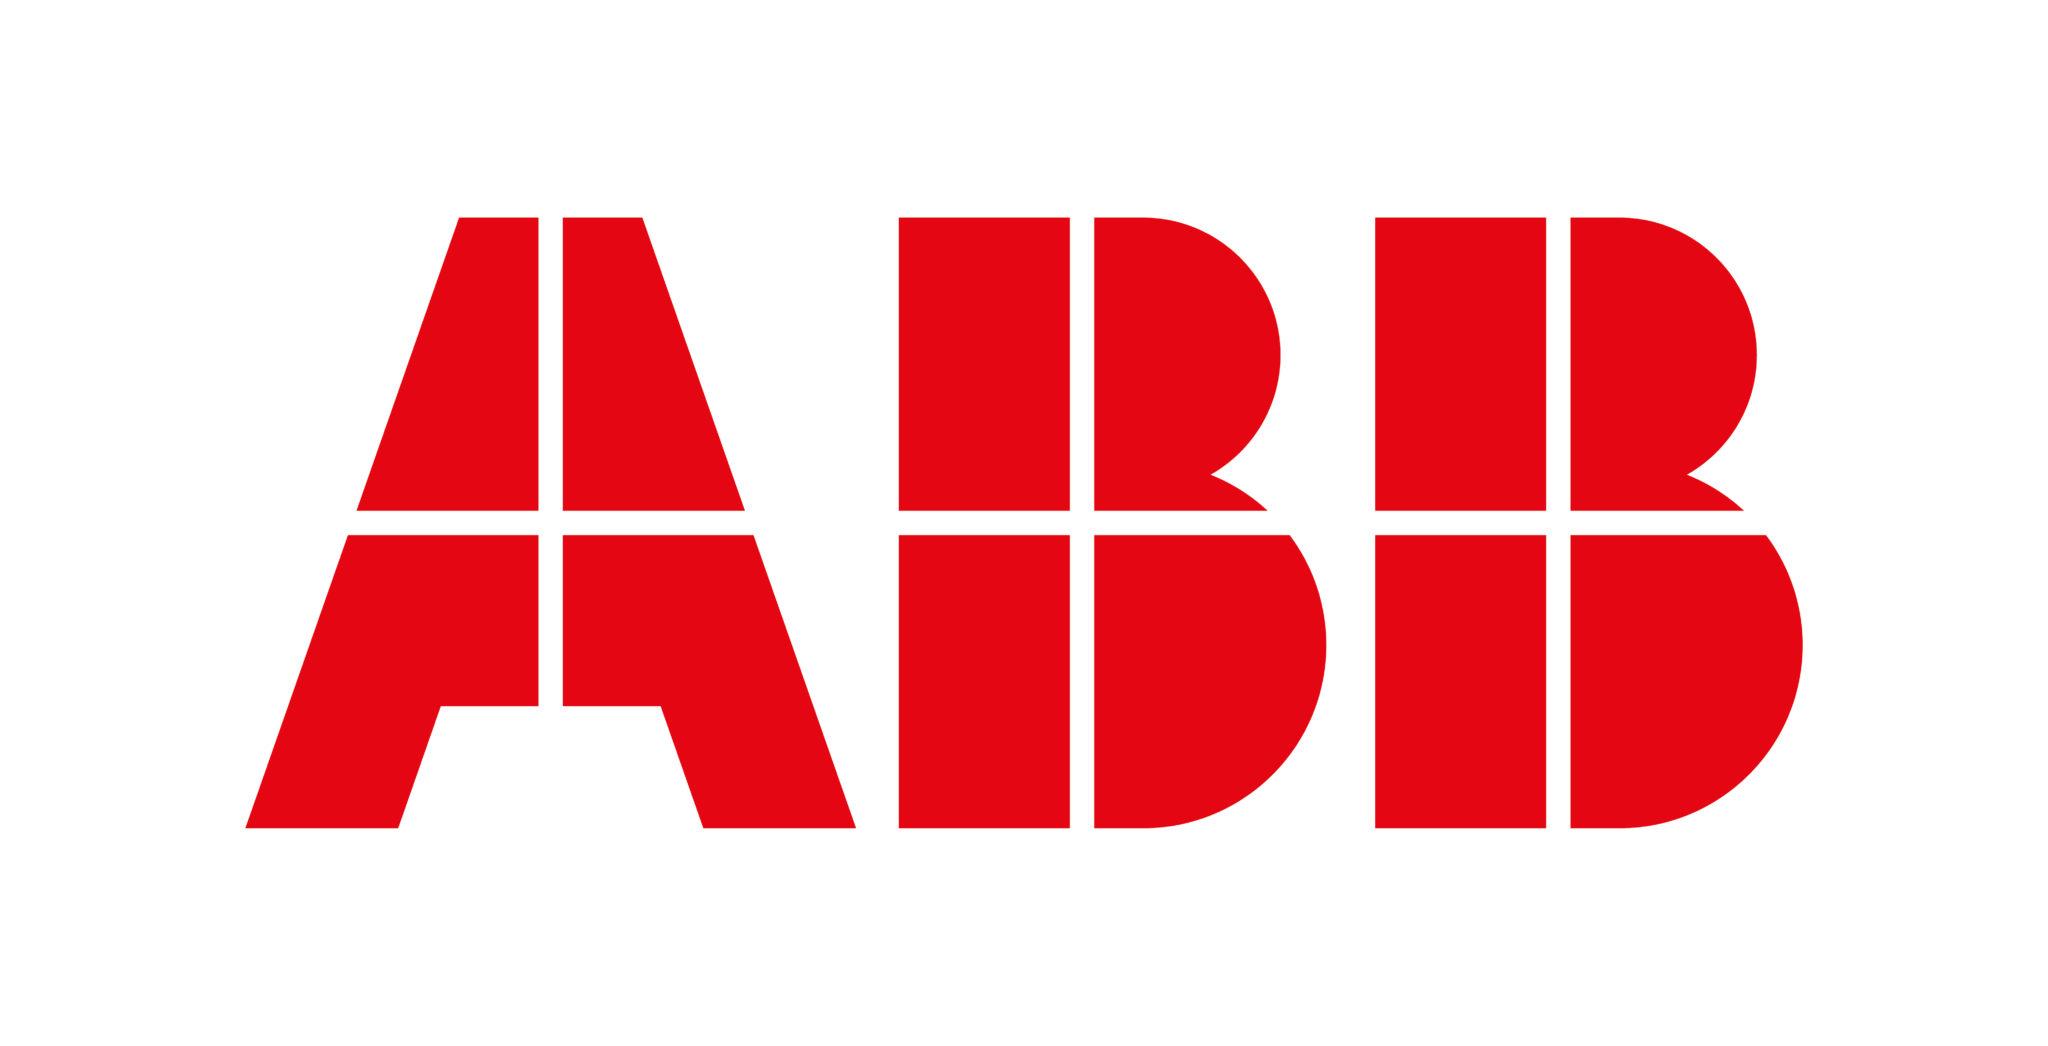 ABB AS